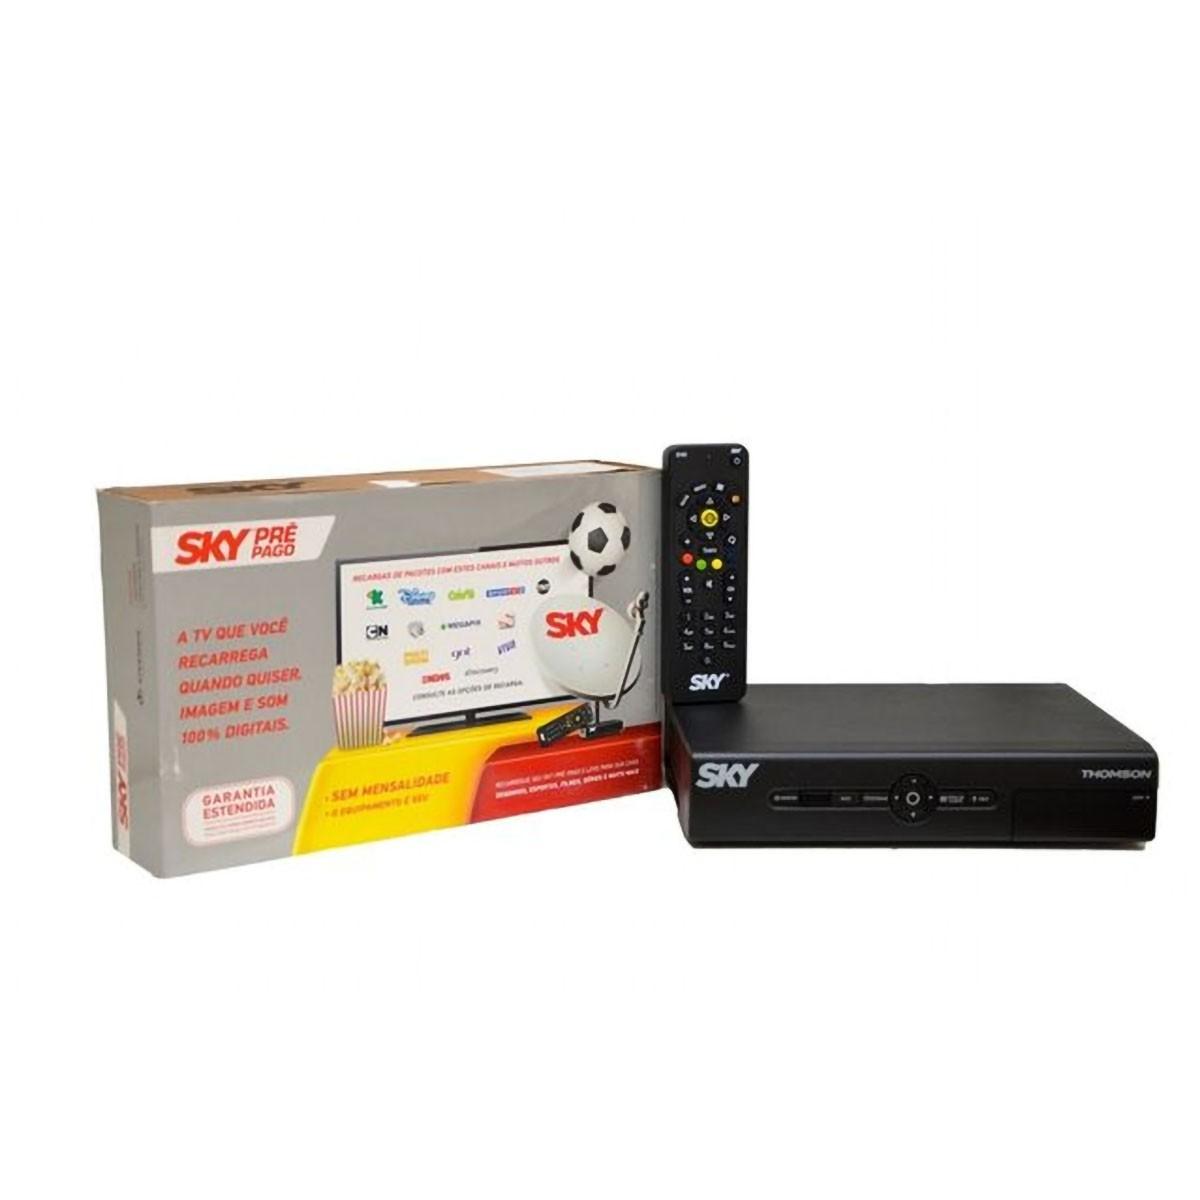 Receptor SKY Digital SD Conectividade AV Conforto 24 meses sem mensalidade com Globo e SBT